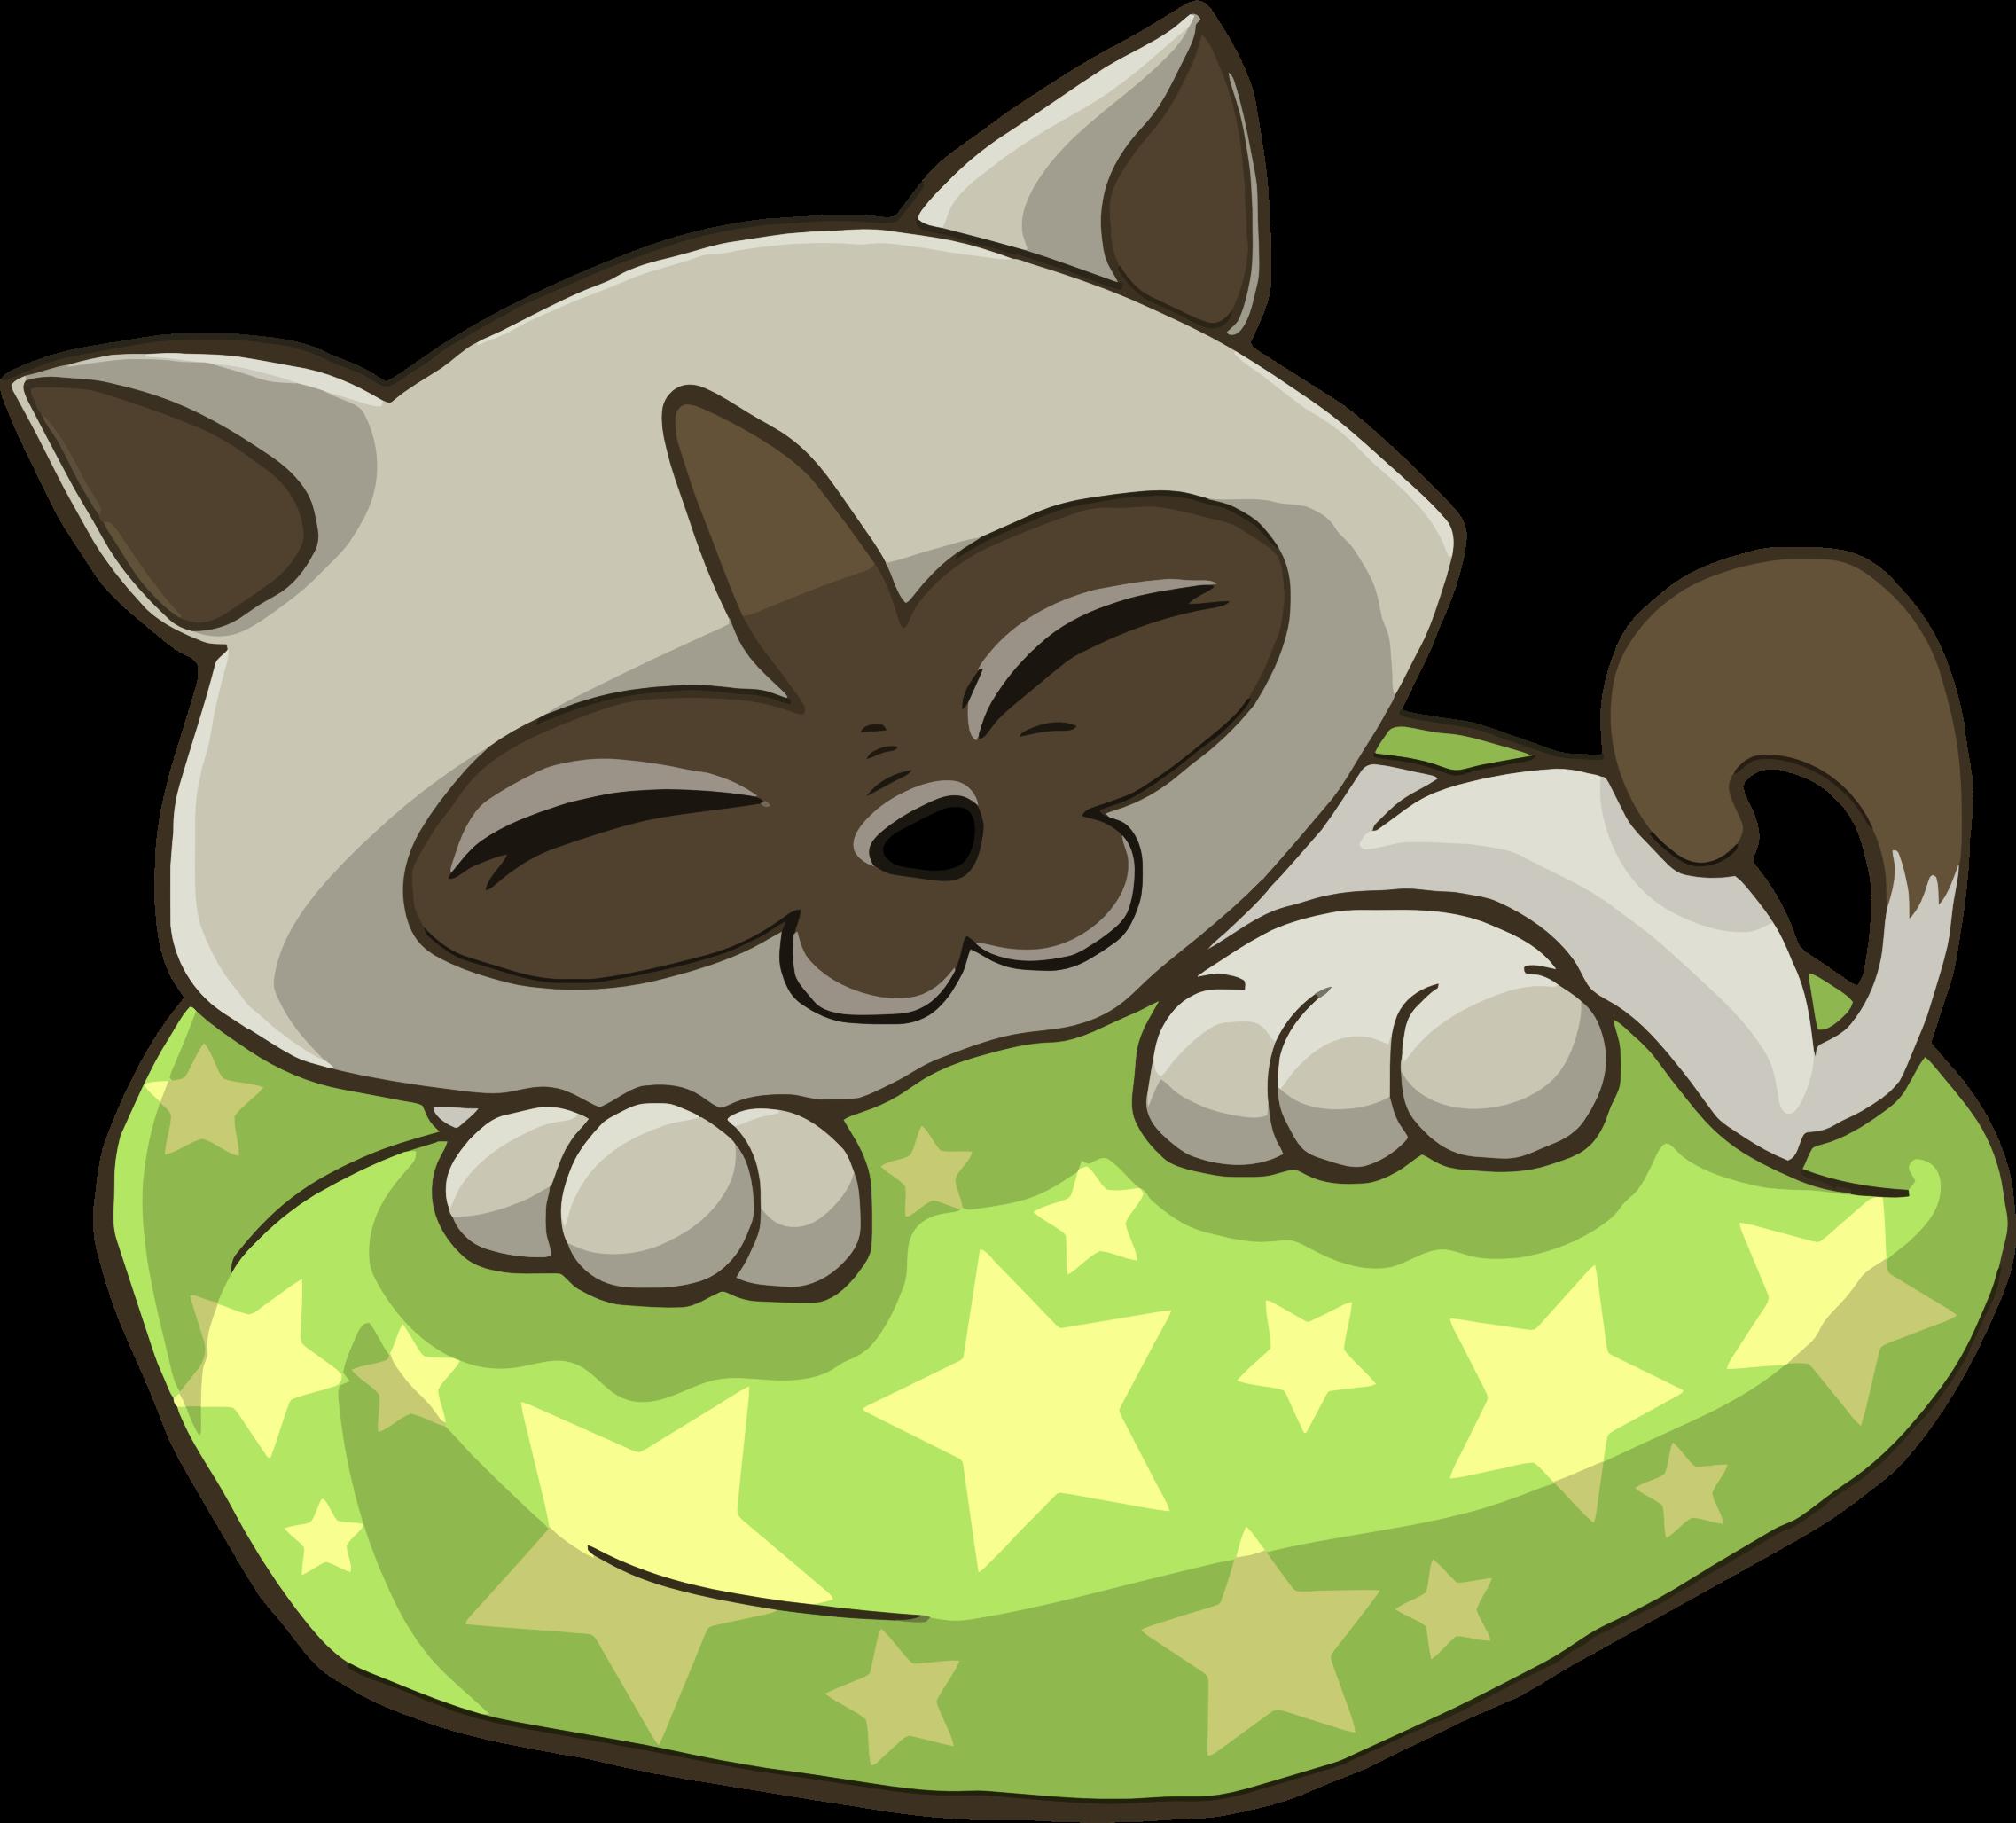 KITTENS clipart sleeping Pillow Starry On Sleeping Pillow